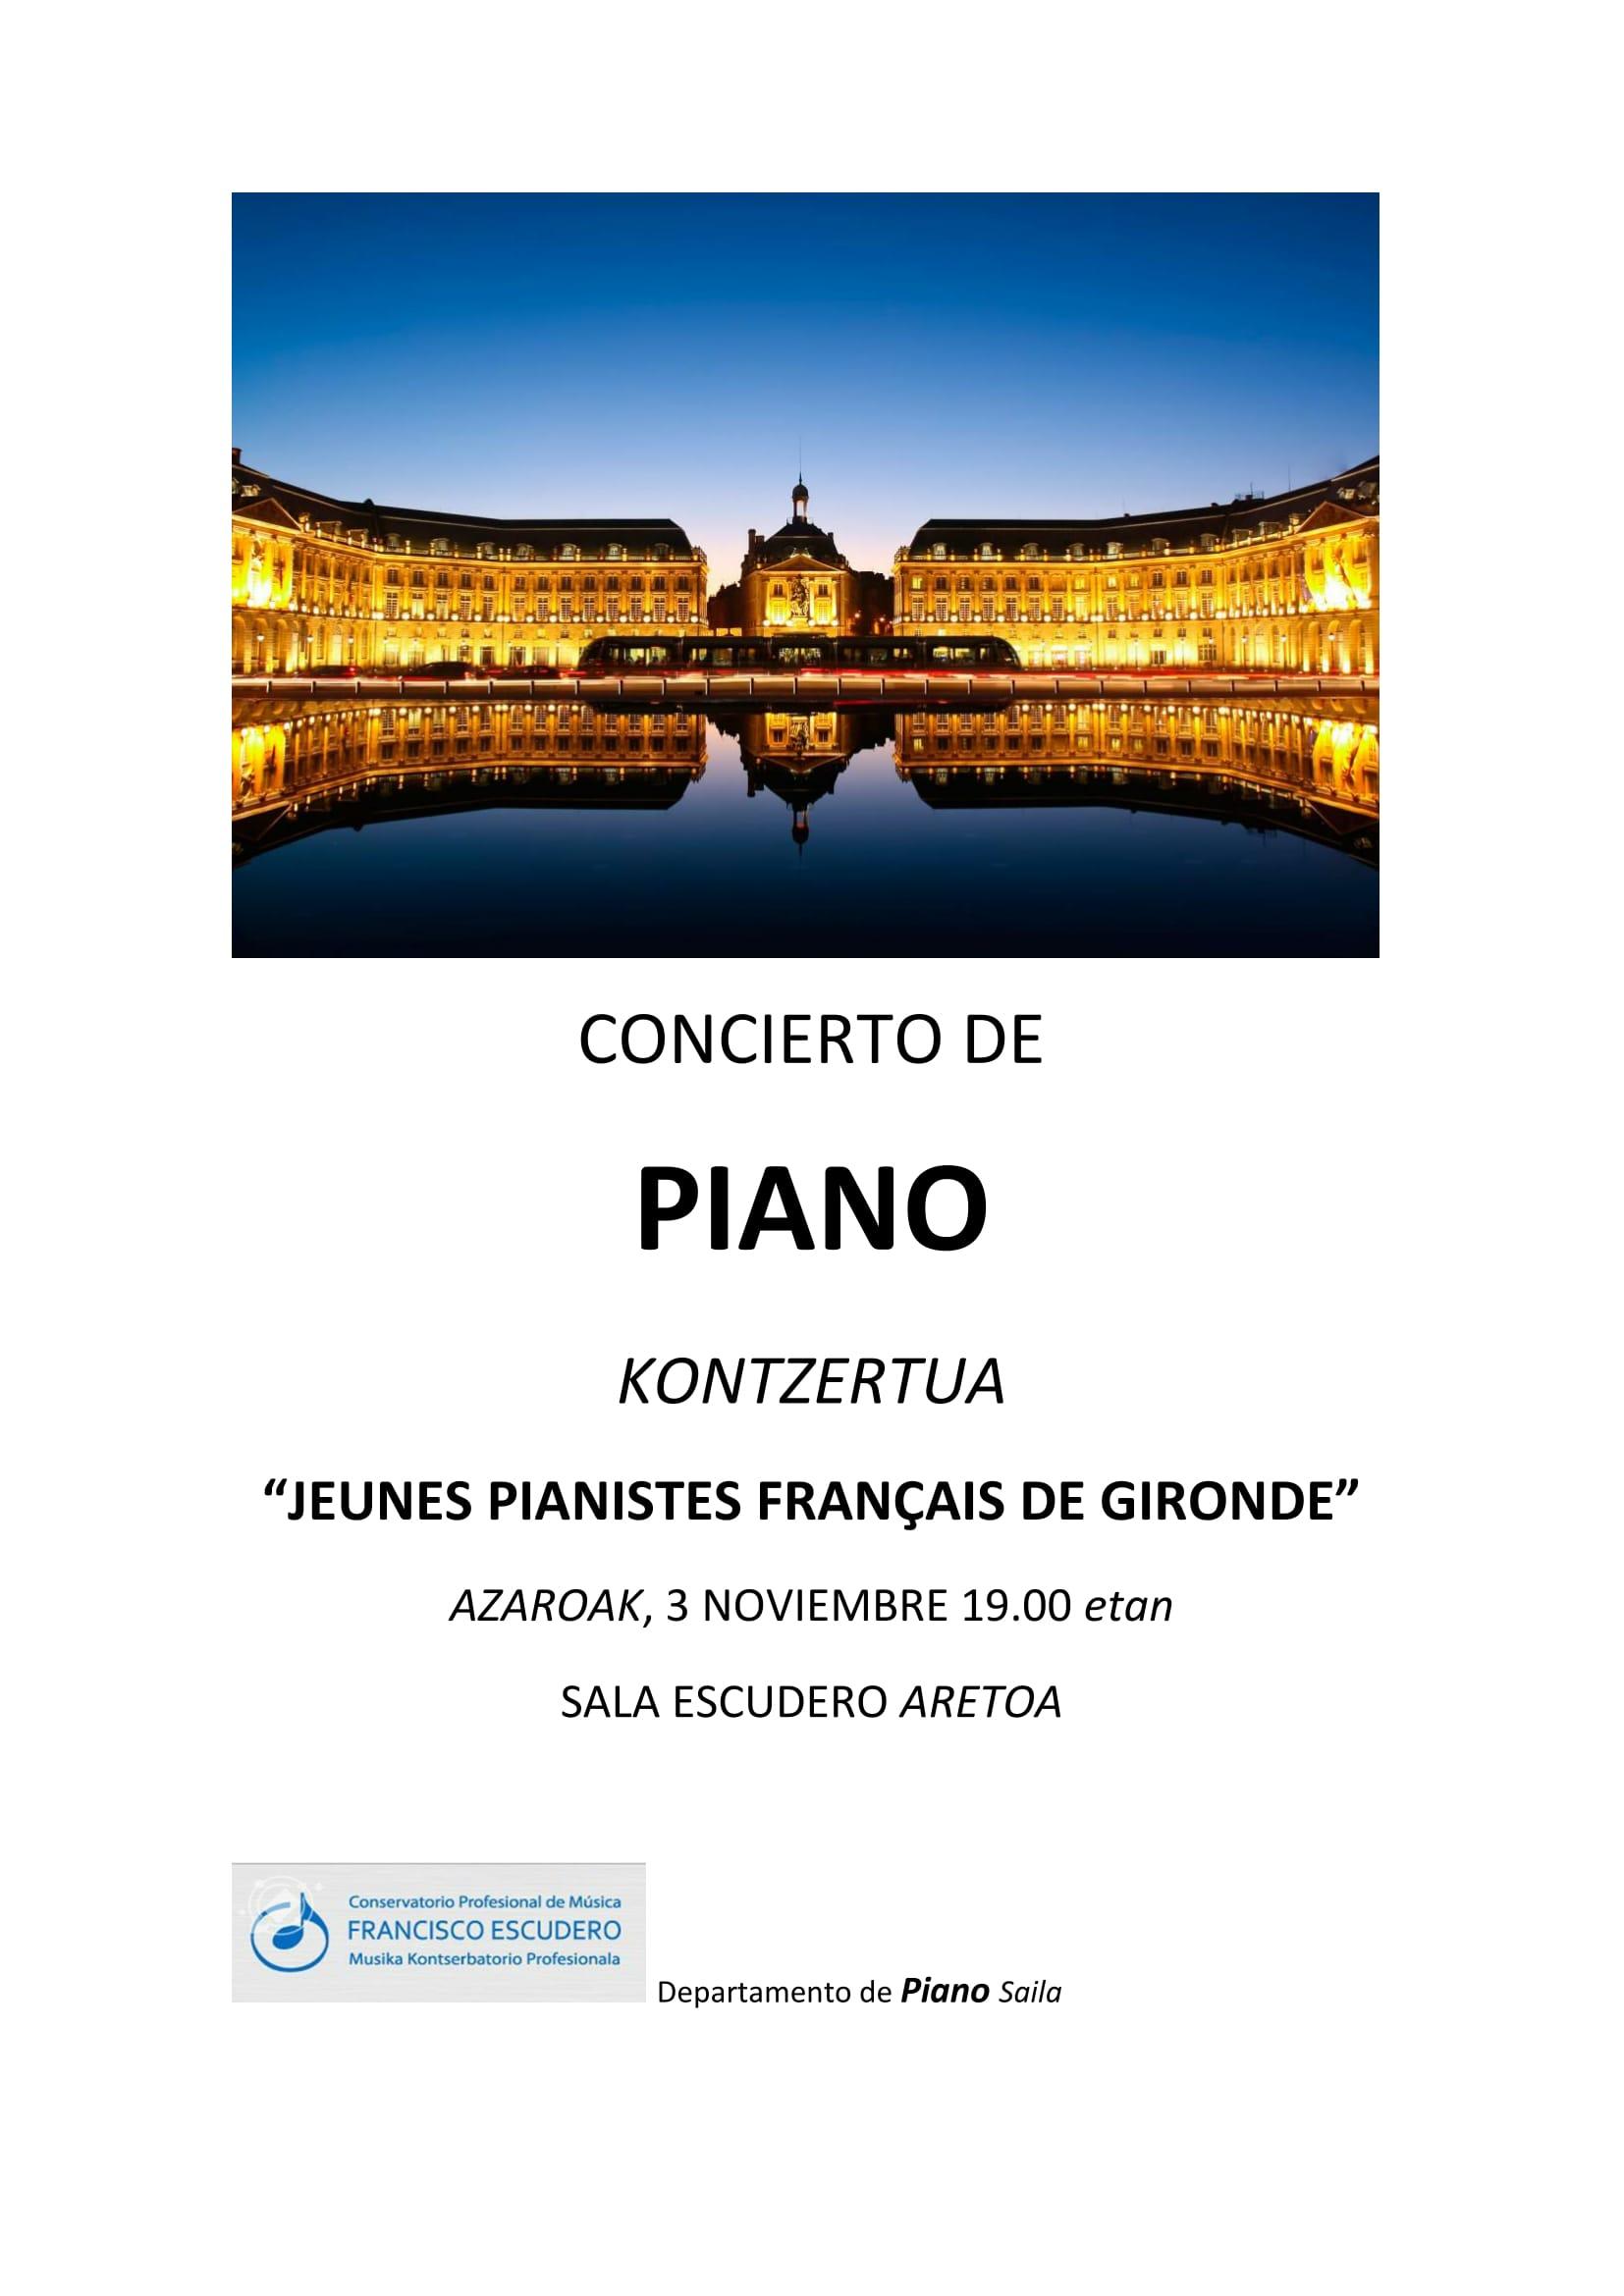 Piano  Kontzertzua  JEUNES  PIANISTES  FRANÇ  AIS  DE  GIRONDE